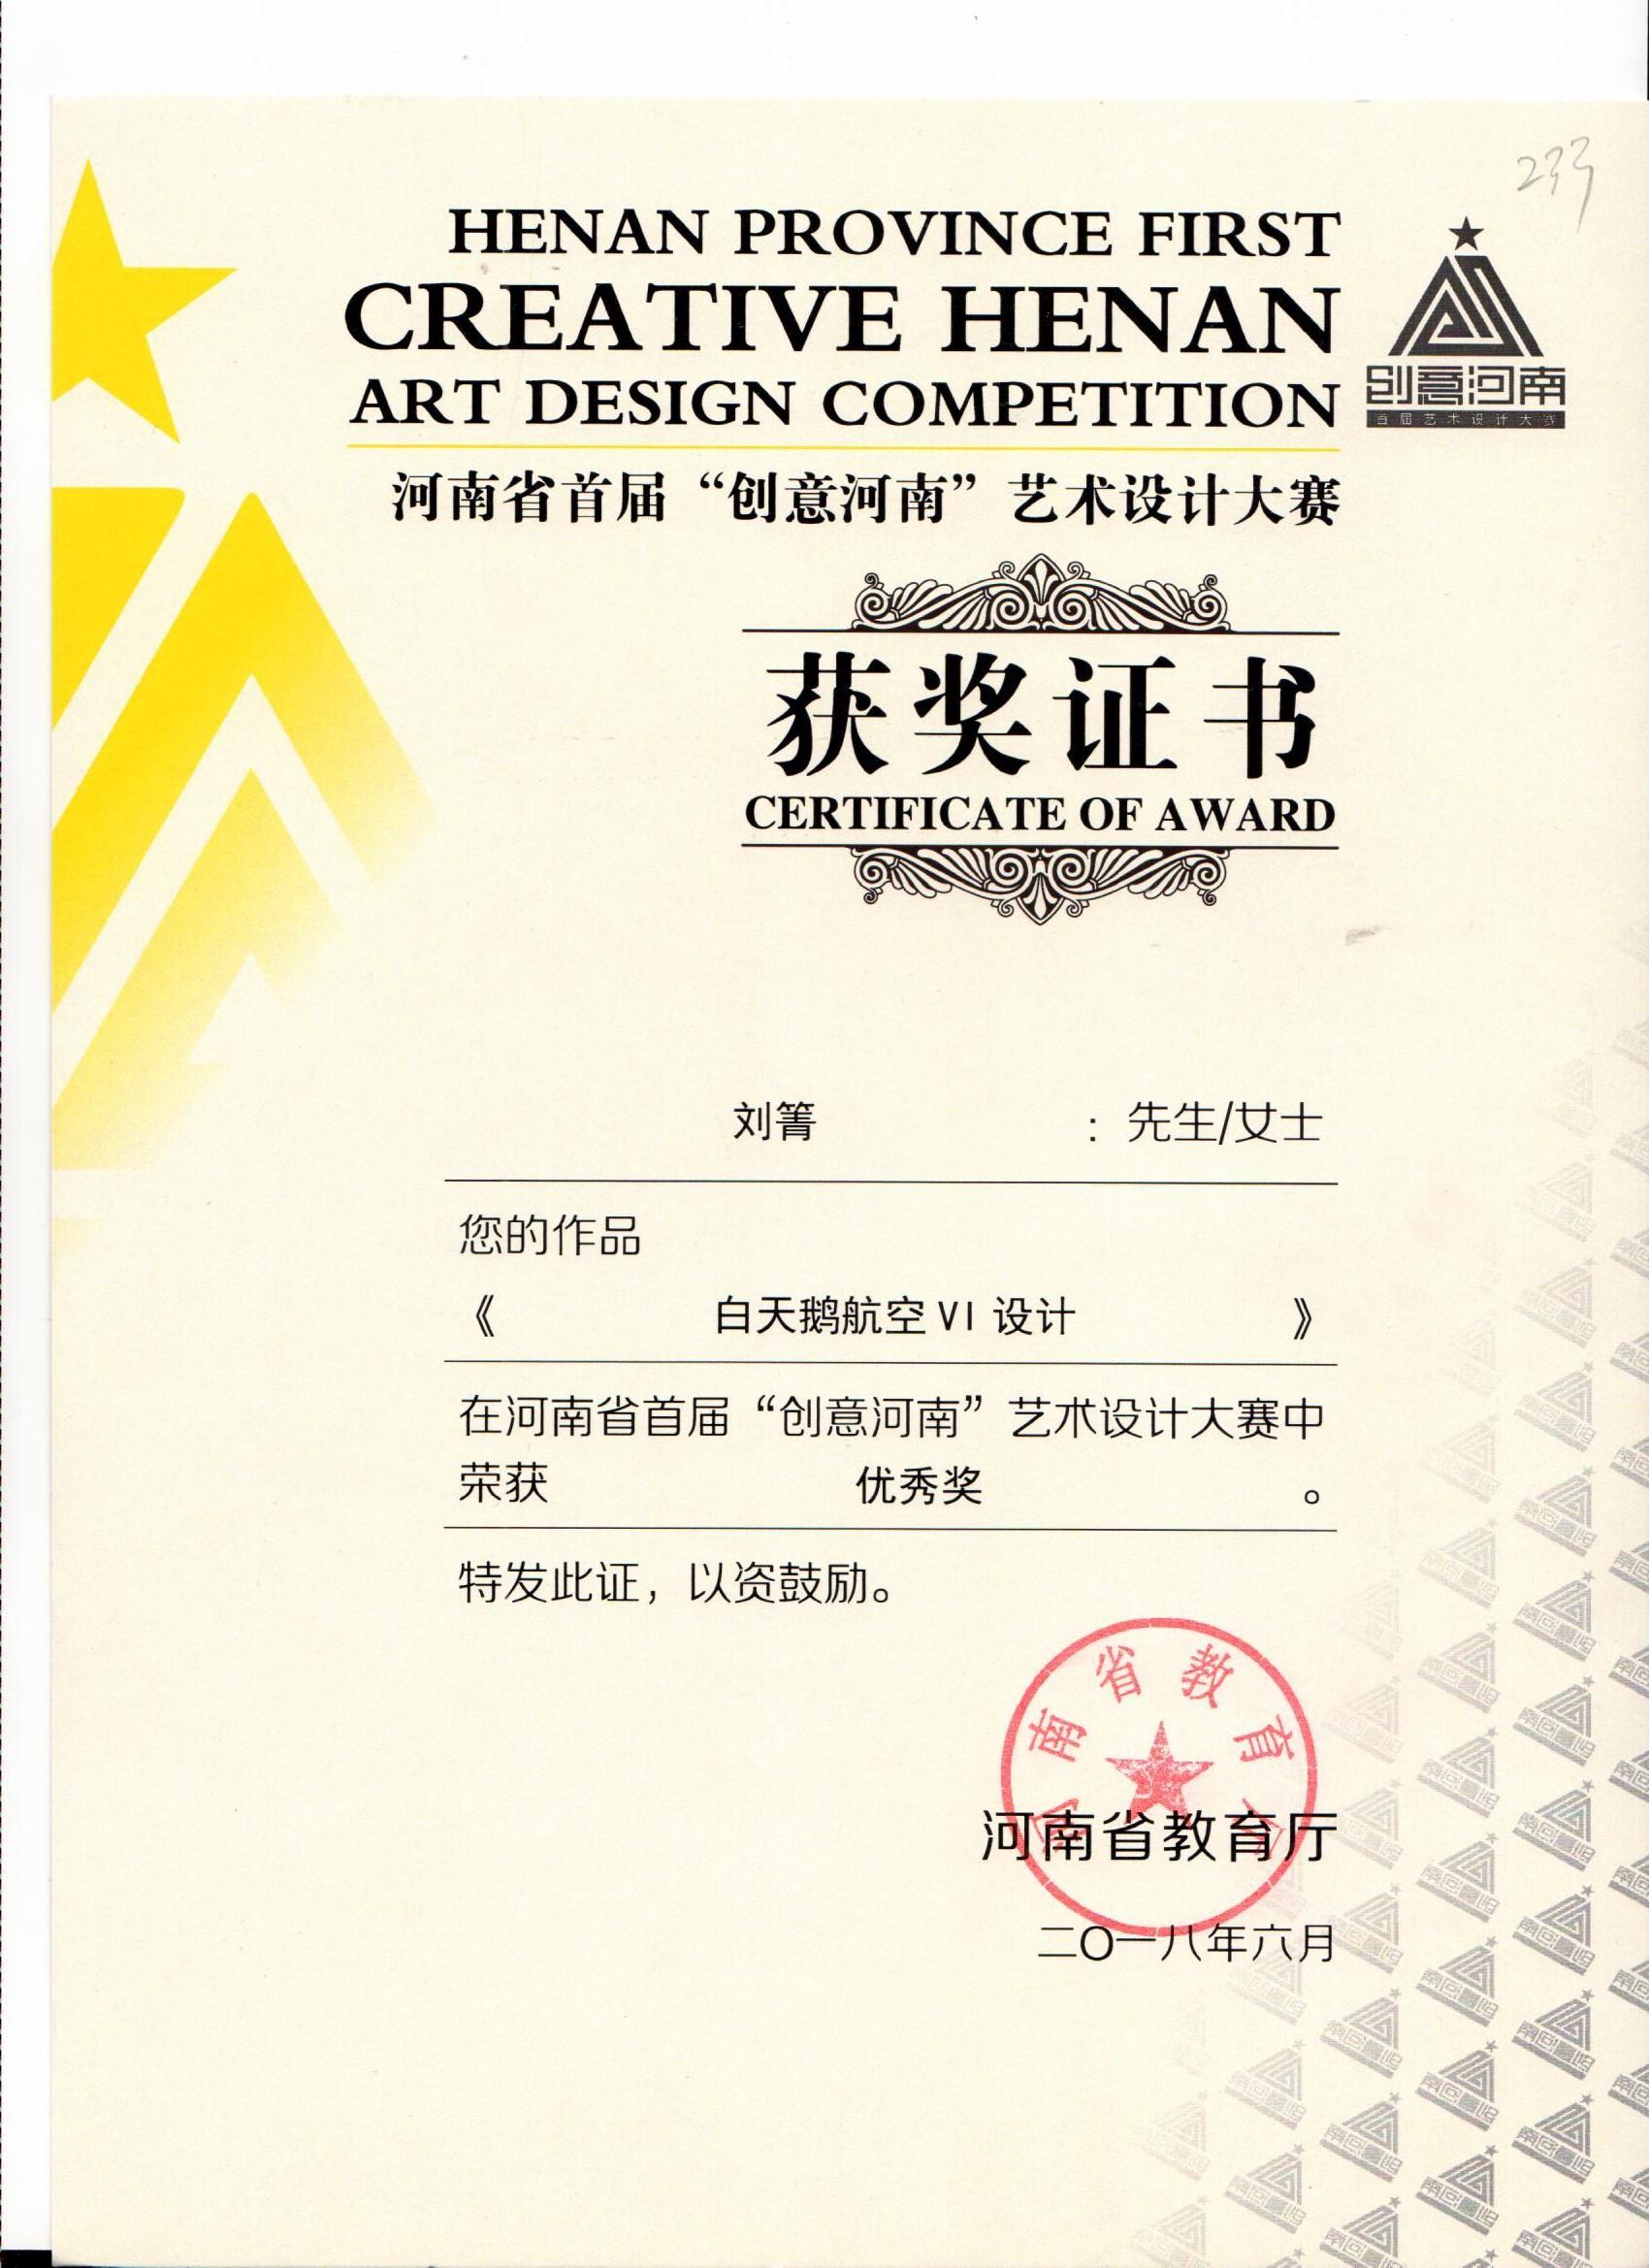 """我院教师在河南省首届""""创意河南""""艺术设计大赛中喜获佳绩图片"""